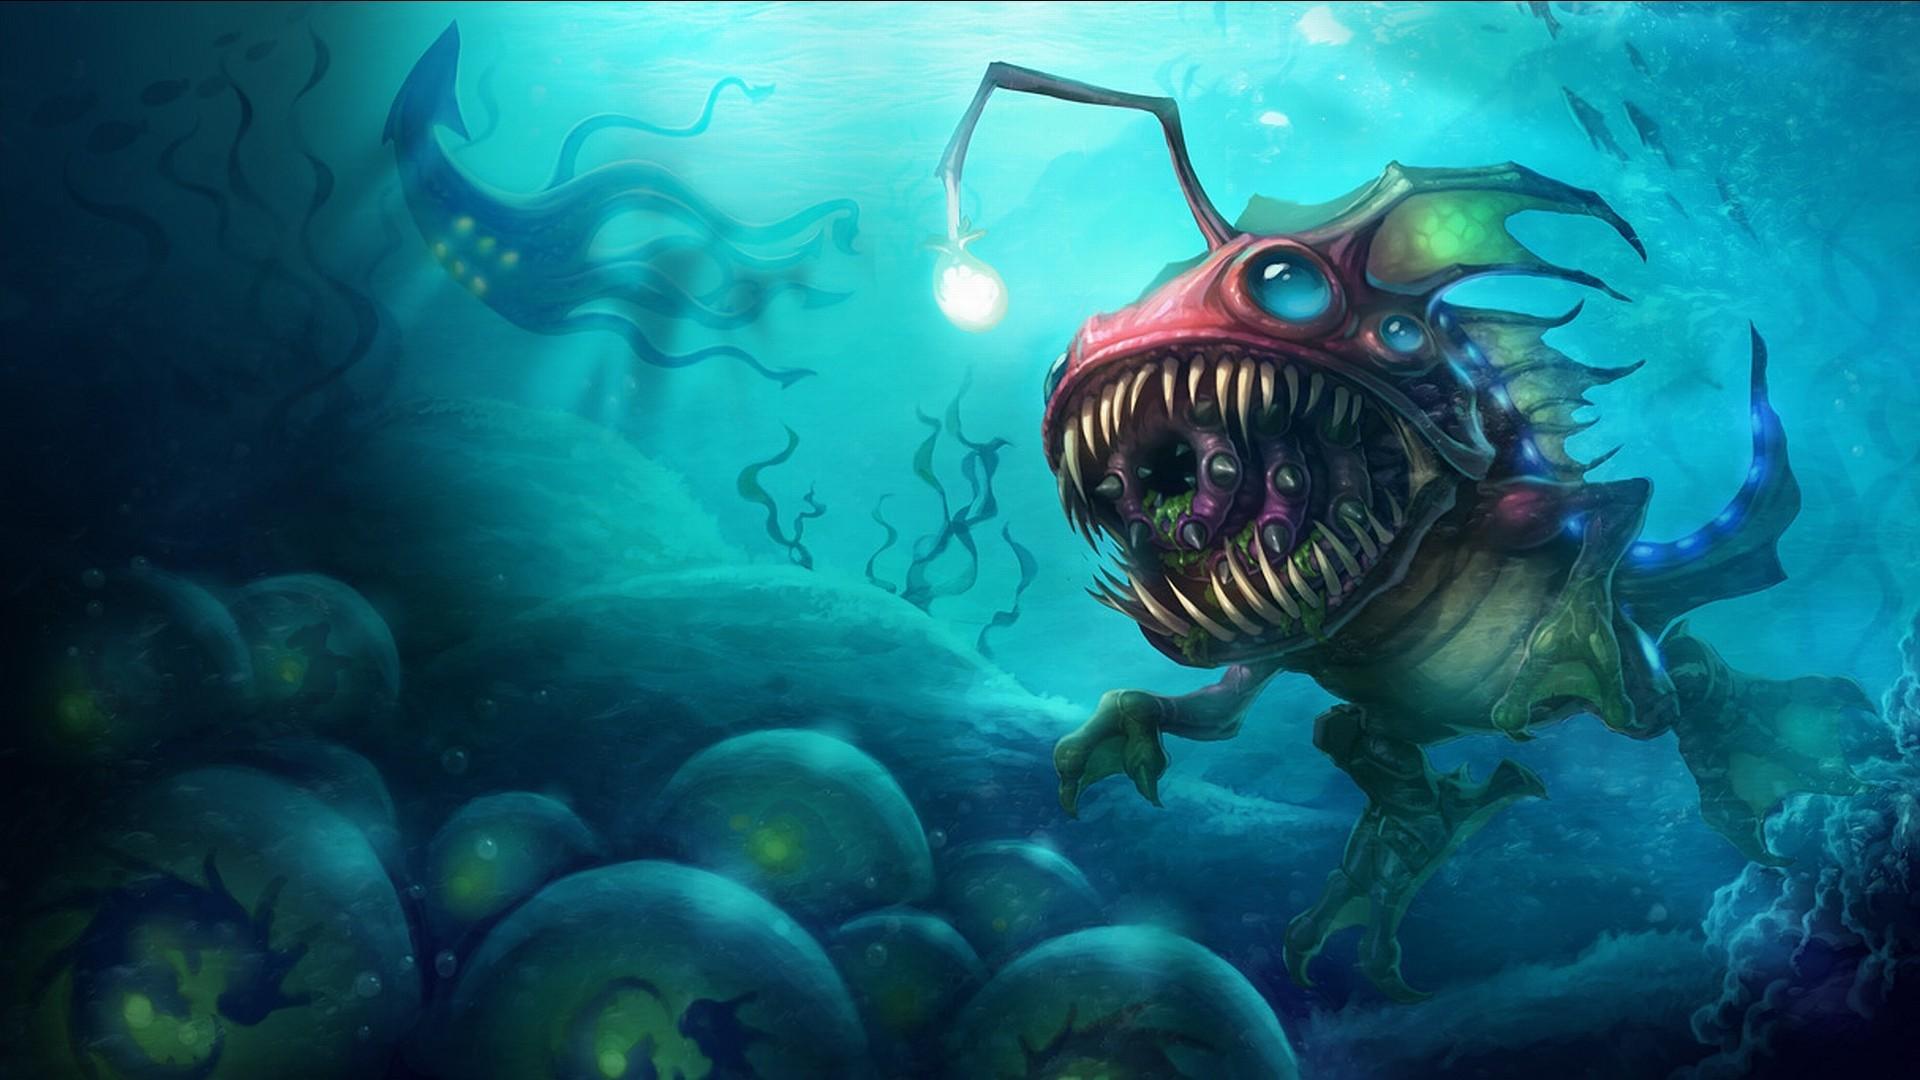 Sea Monster Wallpaper HD :Find best latest Sea Monster Wallpaper HD for  your PC desktop